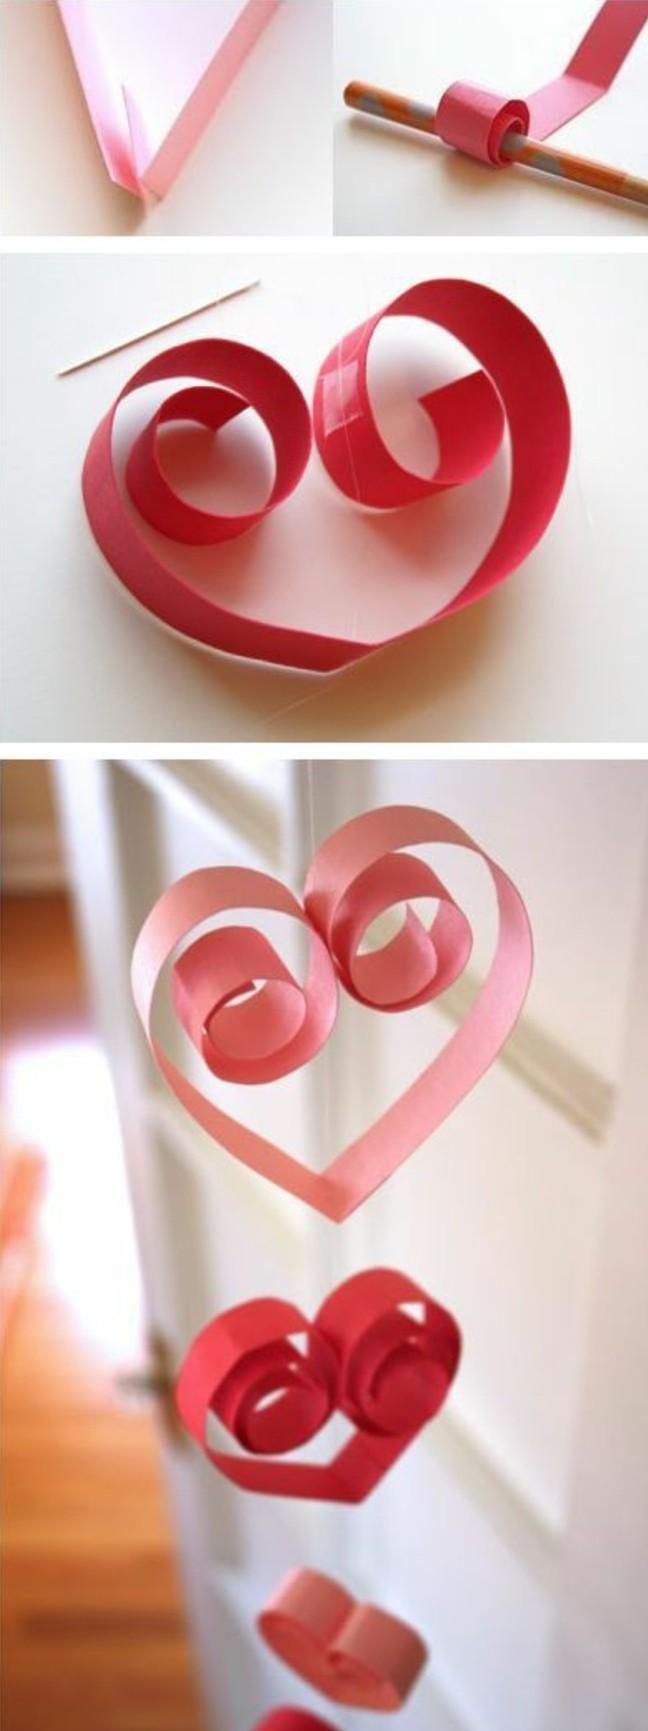 1001 id es de guirlande en papier pour une d co flashy et joyeuse - Idee pour saint valentin ...